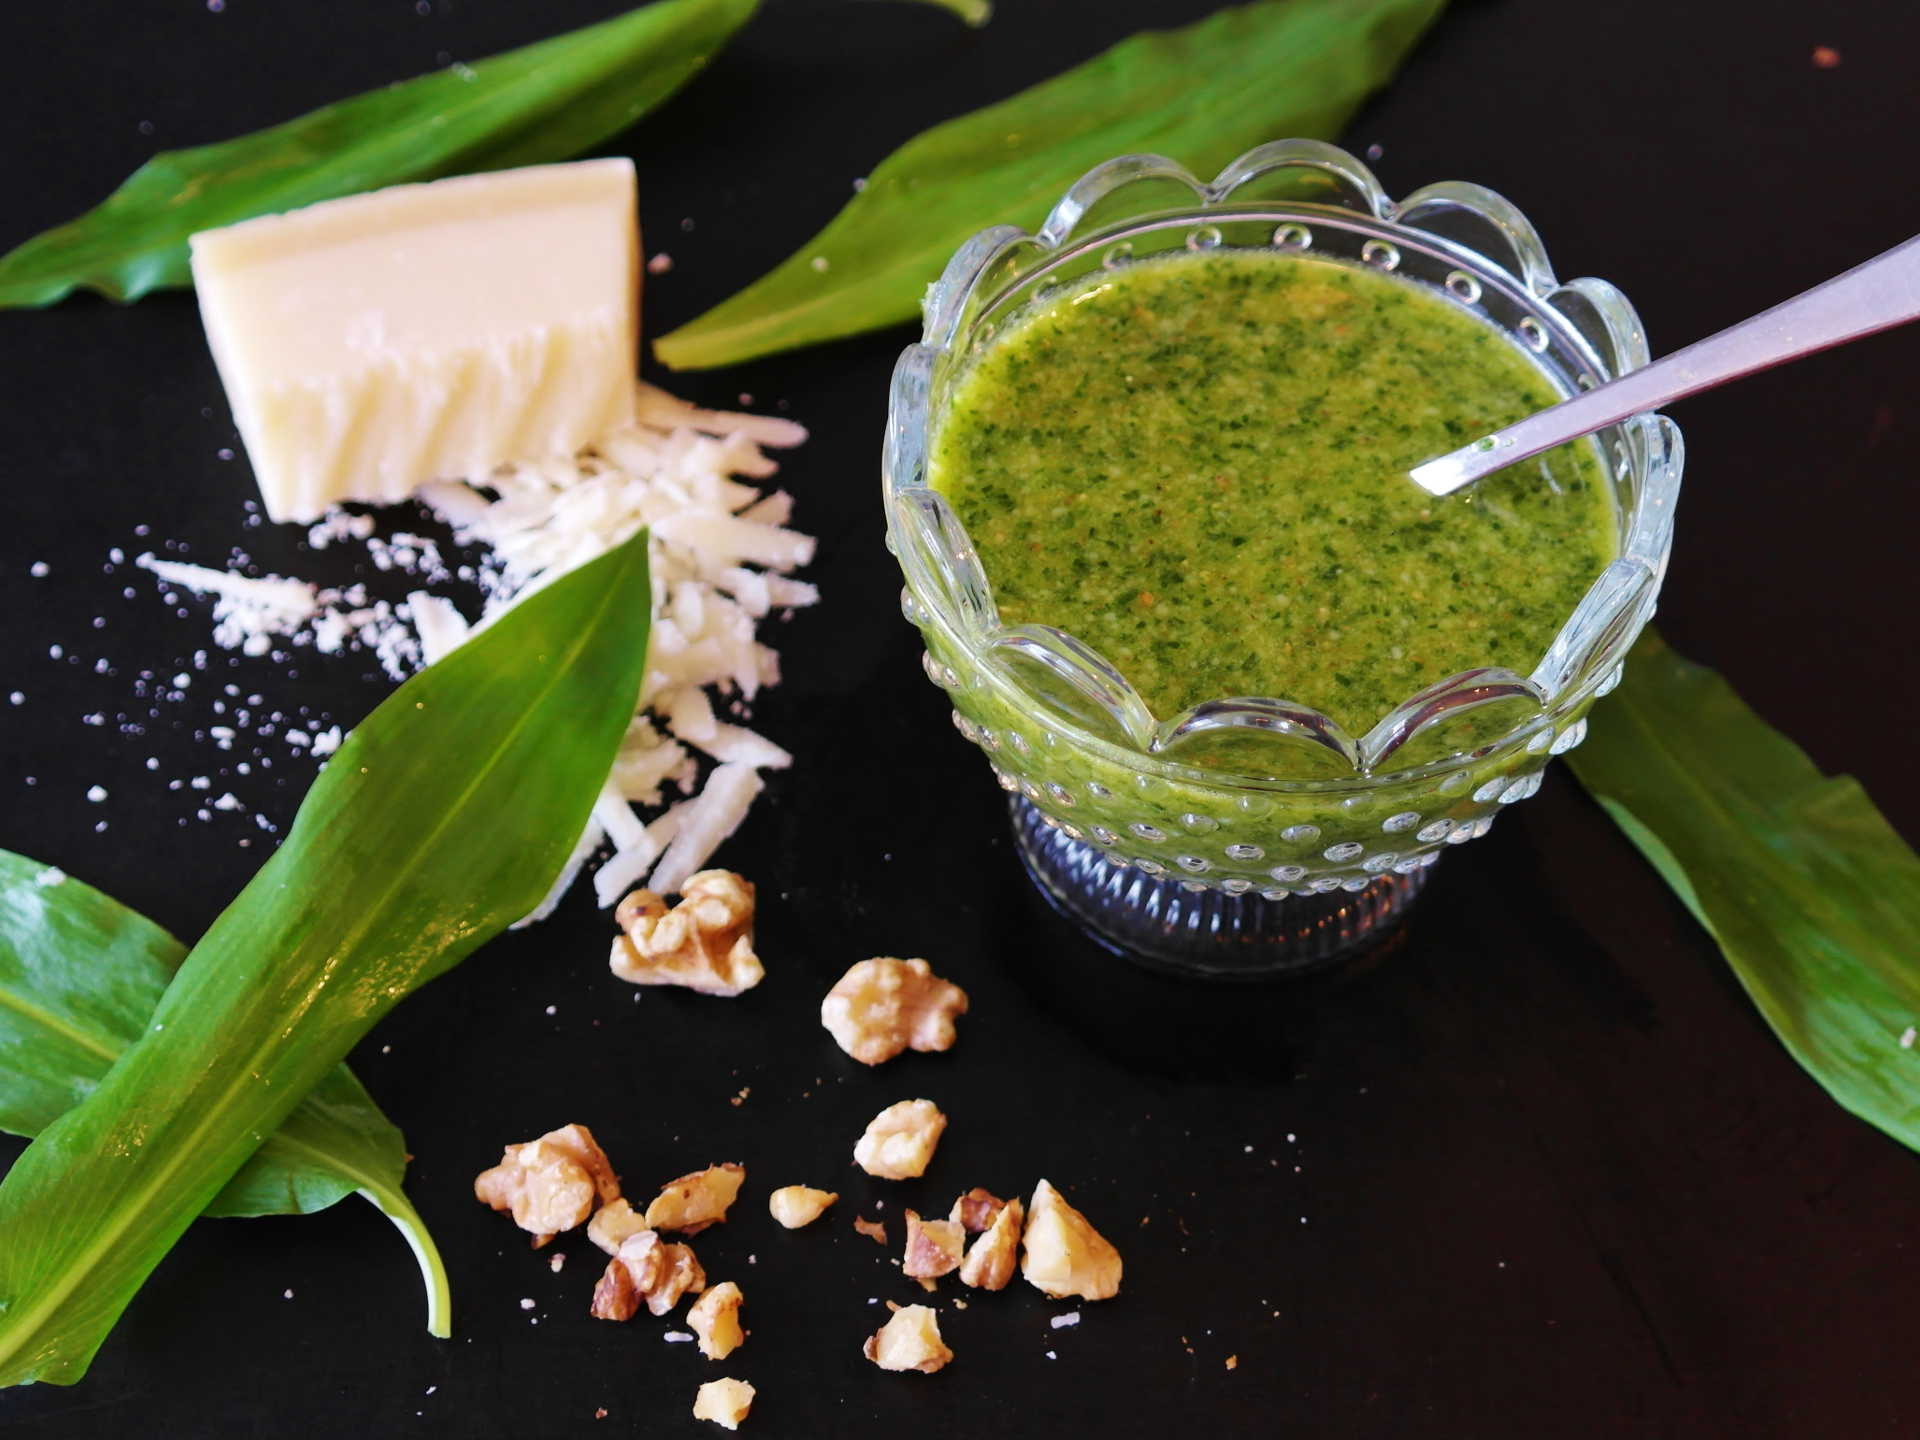 Pesto und Saucen mit Bärlauch sind eine besonders gute Variante für den Verzehr, da der Bärlauch nicht erhitzt werden muss. - Photocredit: pixabay.com/RitaE